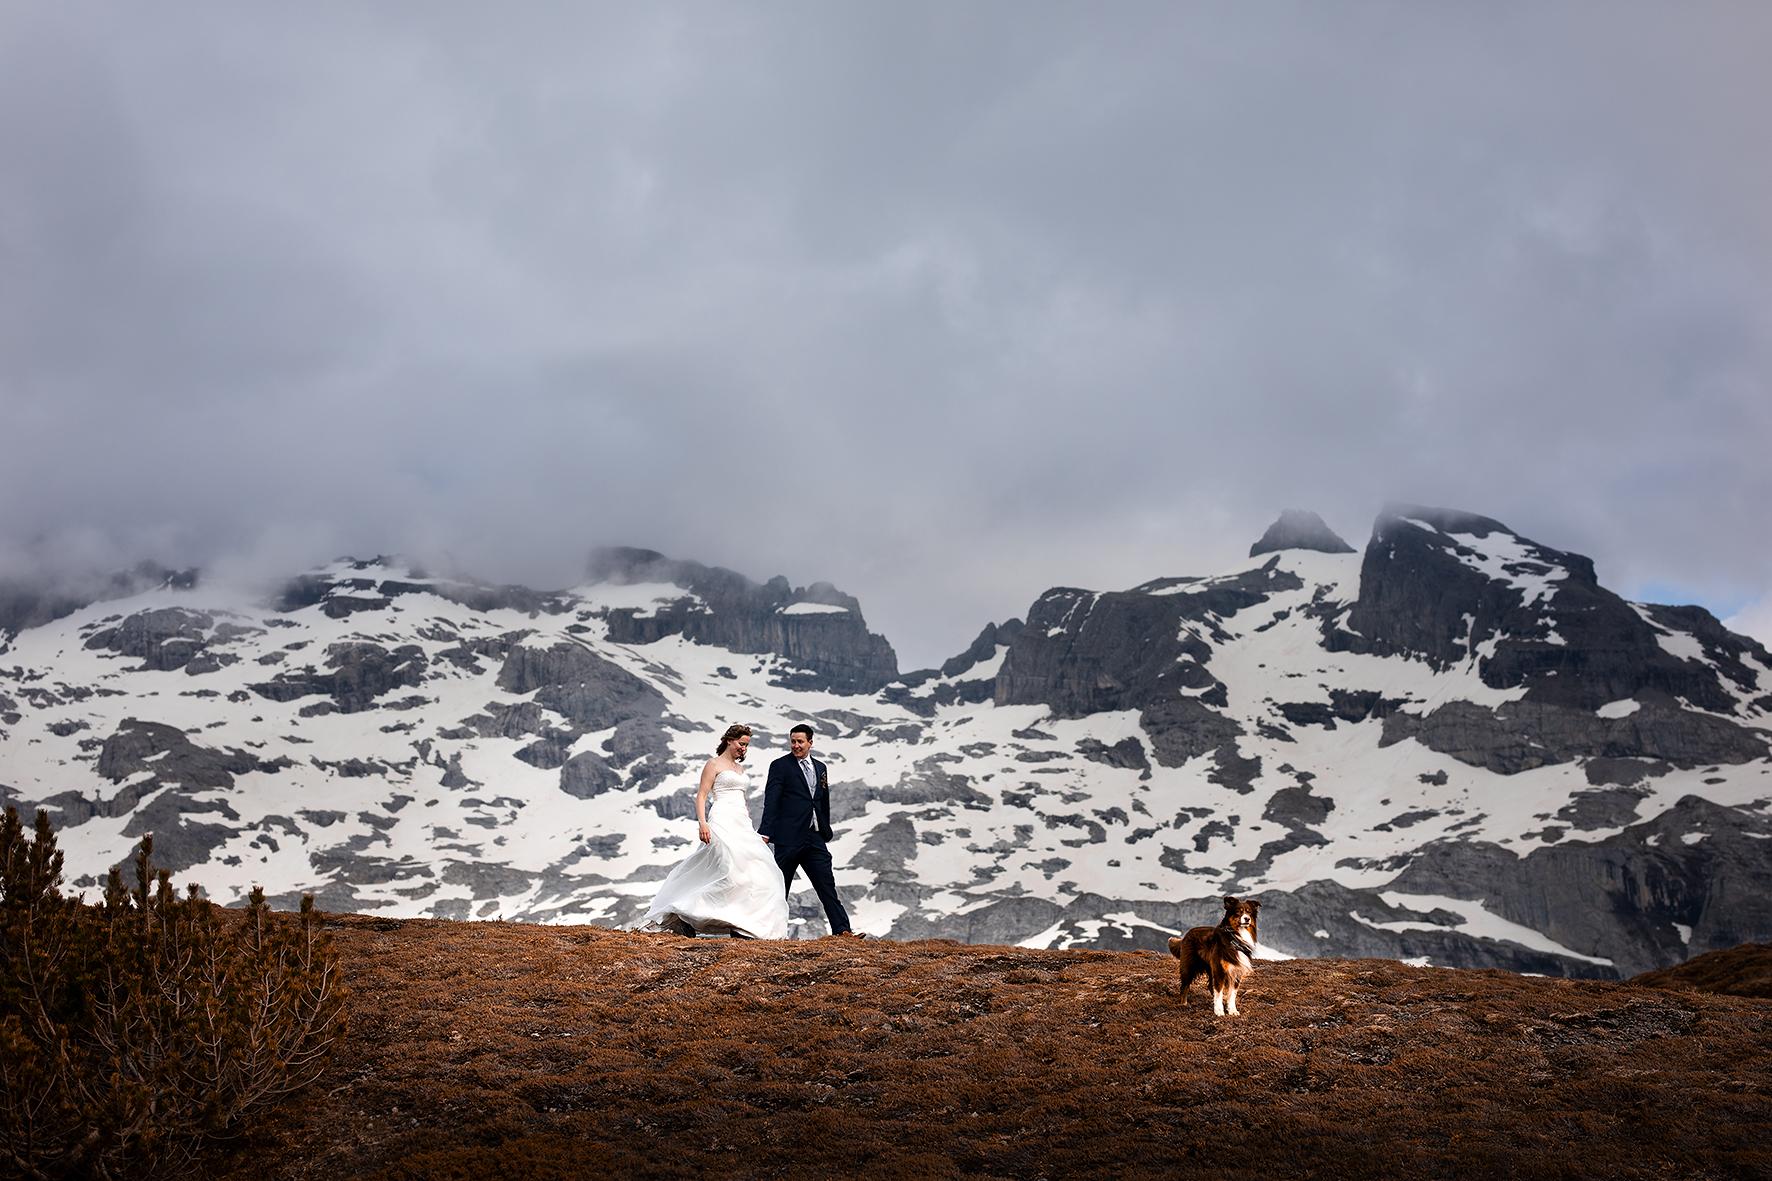 Braut und Bräutigam wandern zusammen über einen Hügel vor einer schneebedeckten Felswand. Ihr Hund geht voraus und hält Wache. Die Stimmung ist mit dem Wolkenspiel eher düster und mystisch.